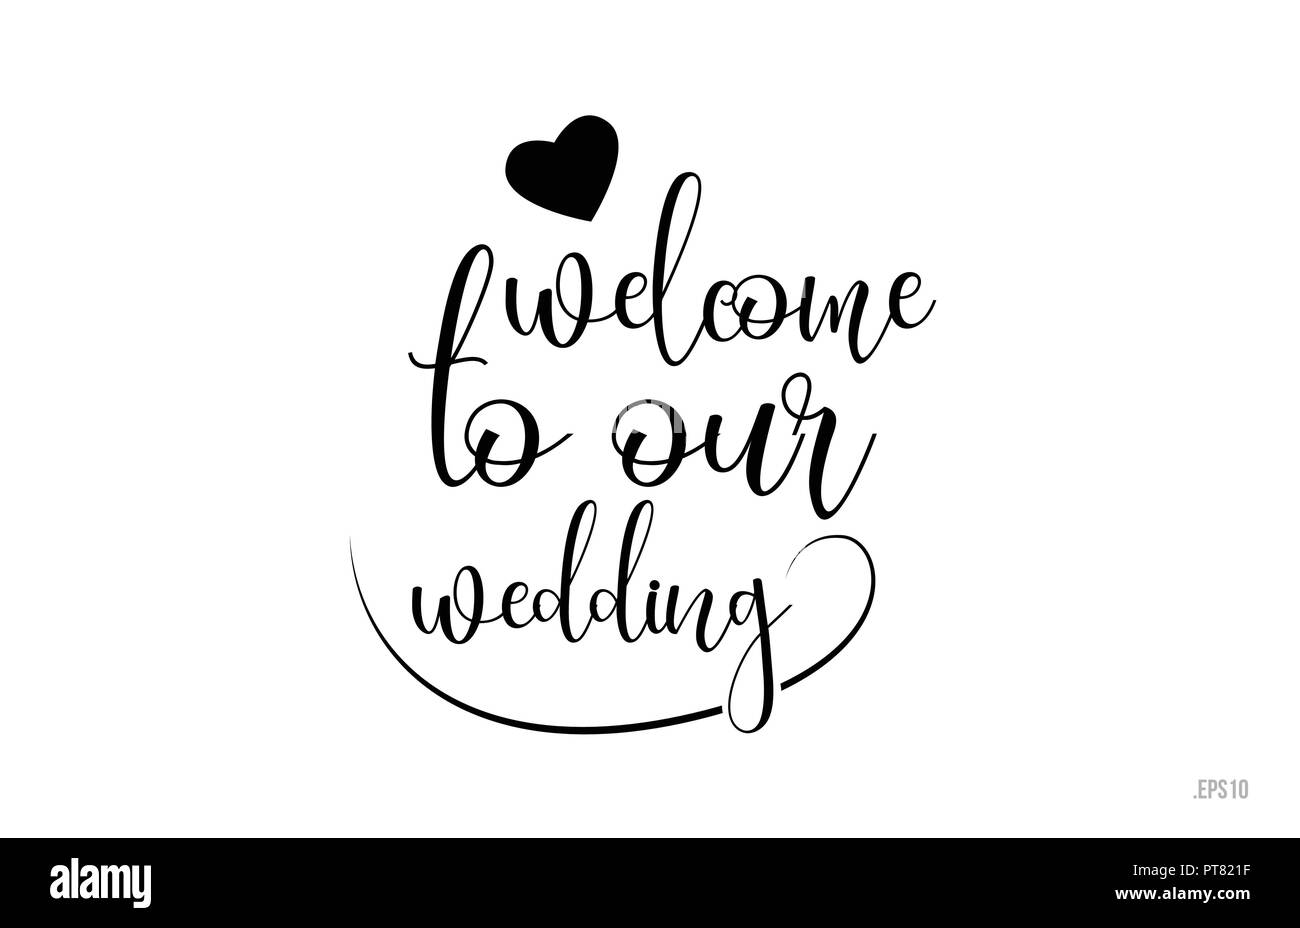 Bienvenue Notre Mariage Mot Texte Avec Le Noir Et Blanc Coeur Damour Pour Carte De Visite Brochure Ou Typographie Logo Design